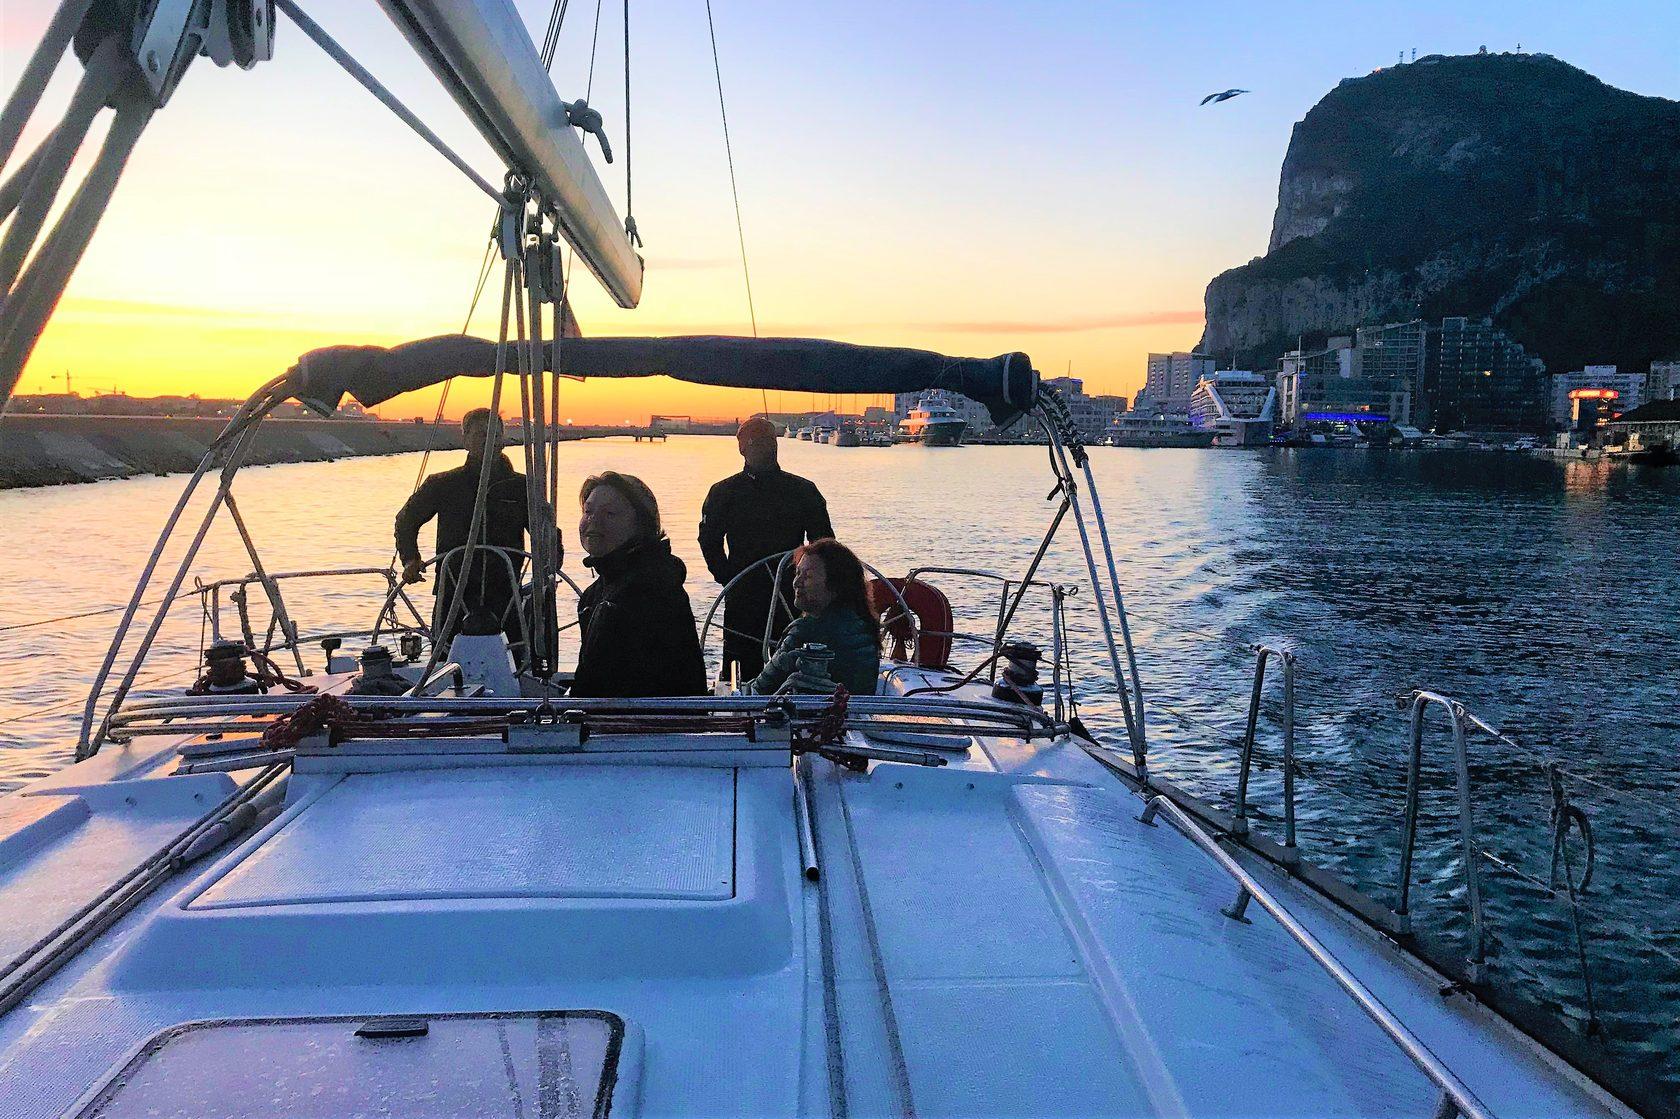 фурнитура, байкал фото отдых на яхте потратил годы, судясь